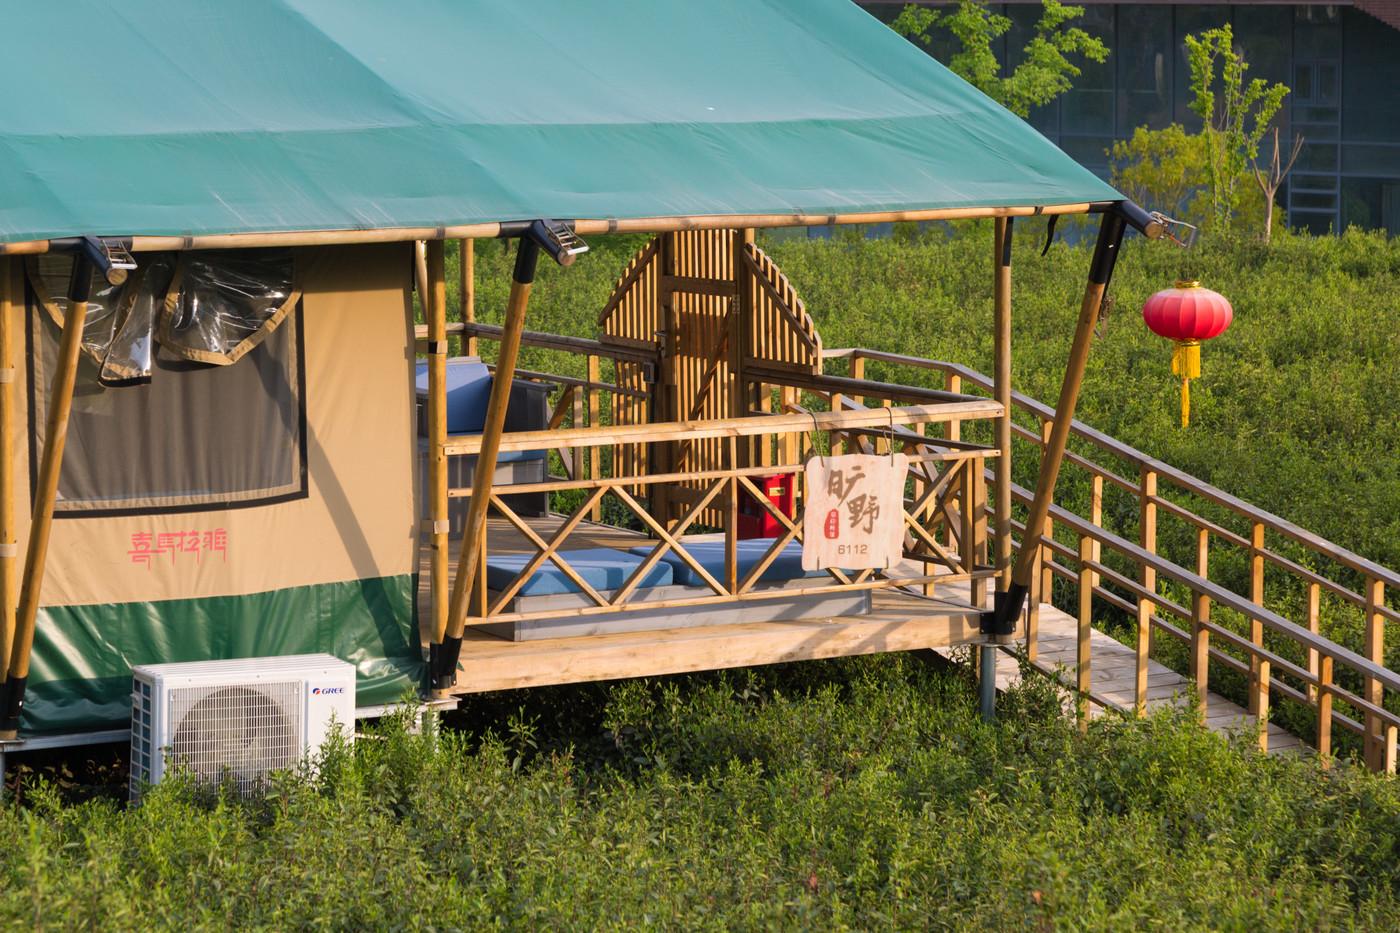 喜马拉雅野奢帐篷酒店—江苏常州茅山宝盛园2期茶田帐篷酒店17